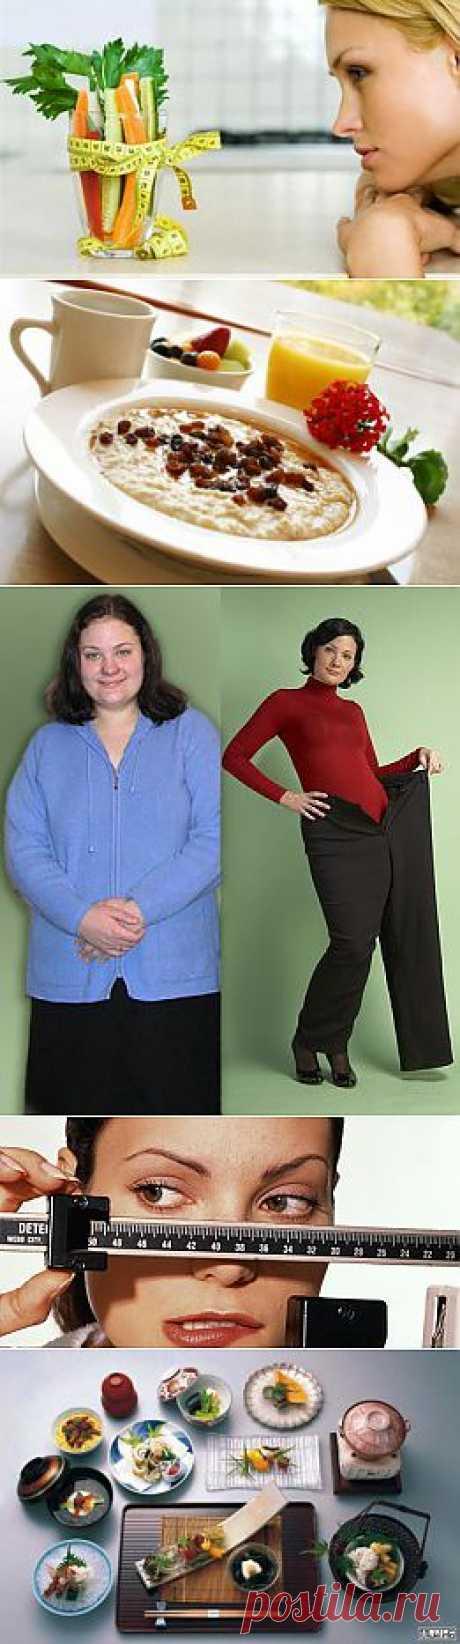 Диета любимая 7 дней Эффективное похудение